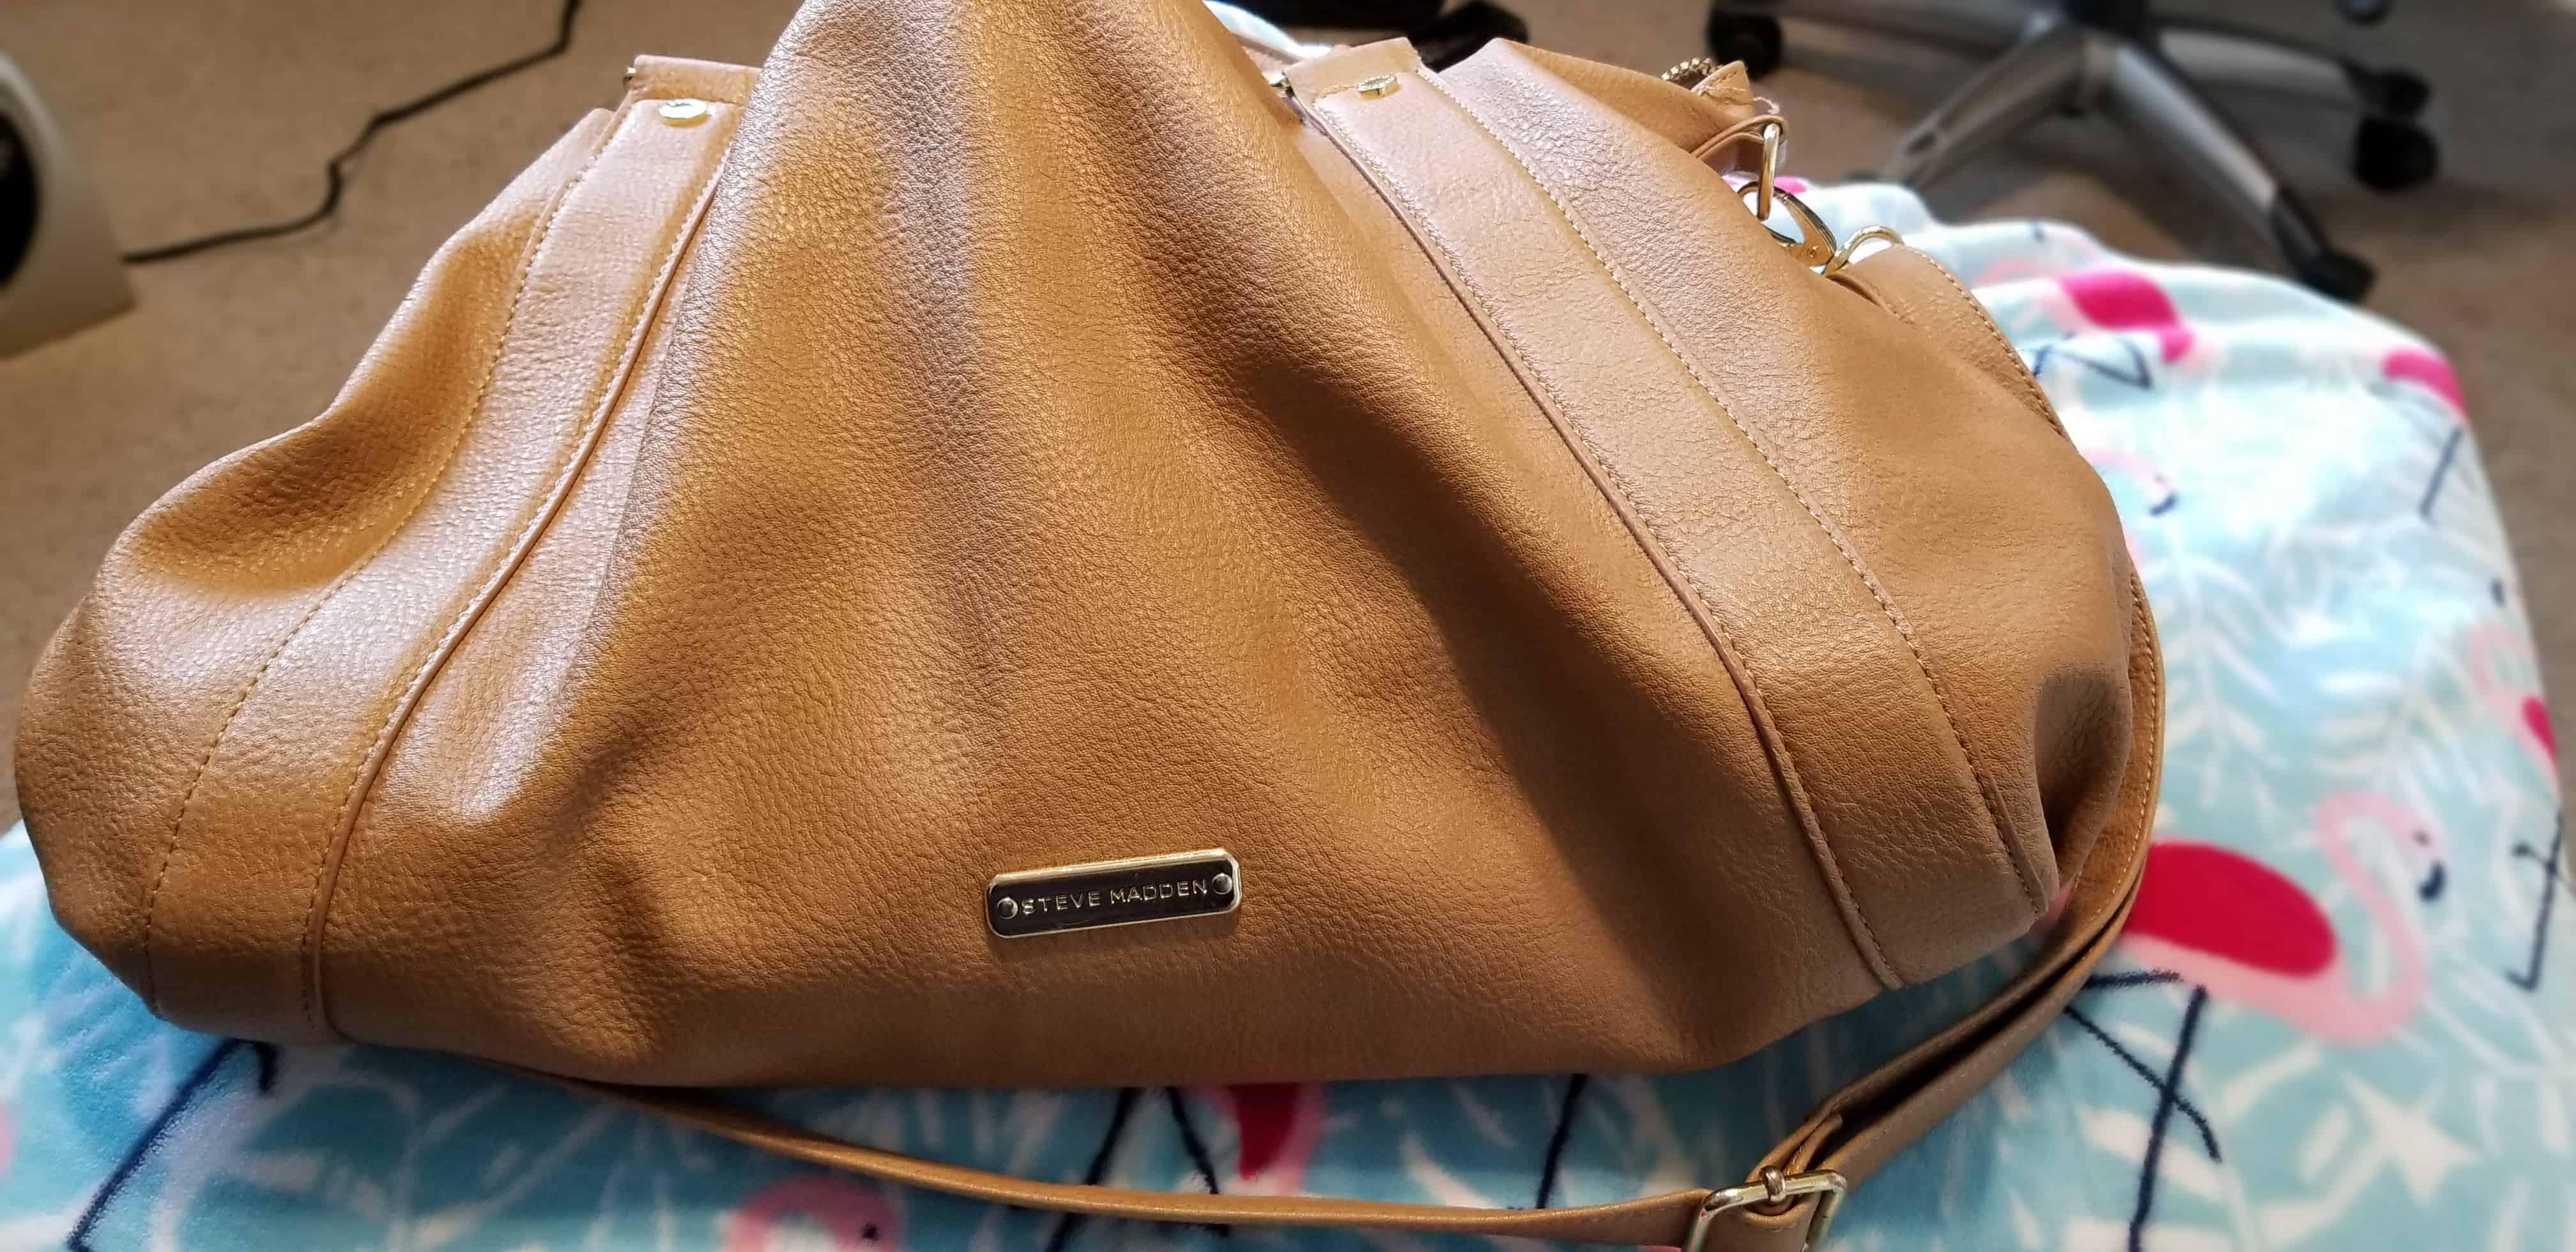 I Carry A Big Purse & NO, I'm NOT A Shoplifter